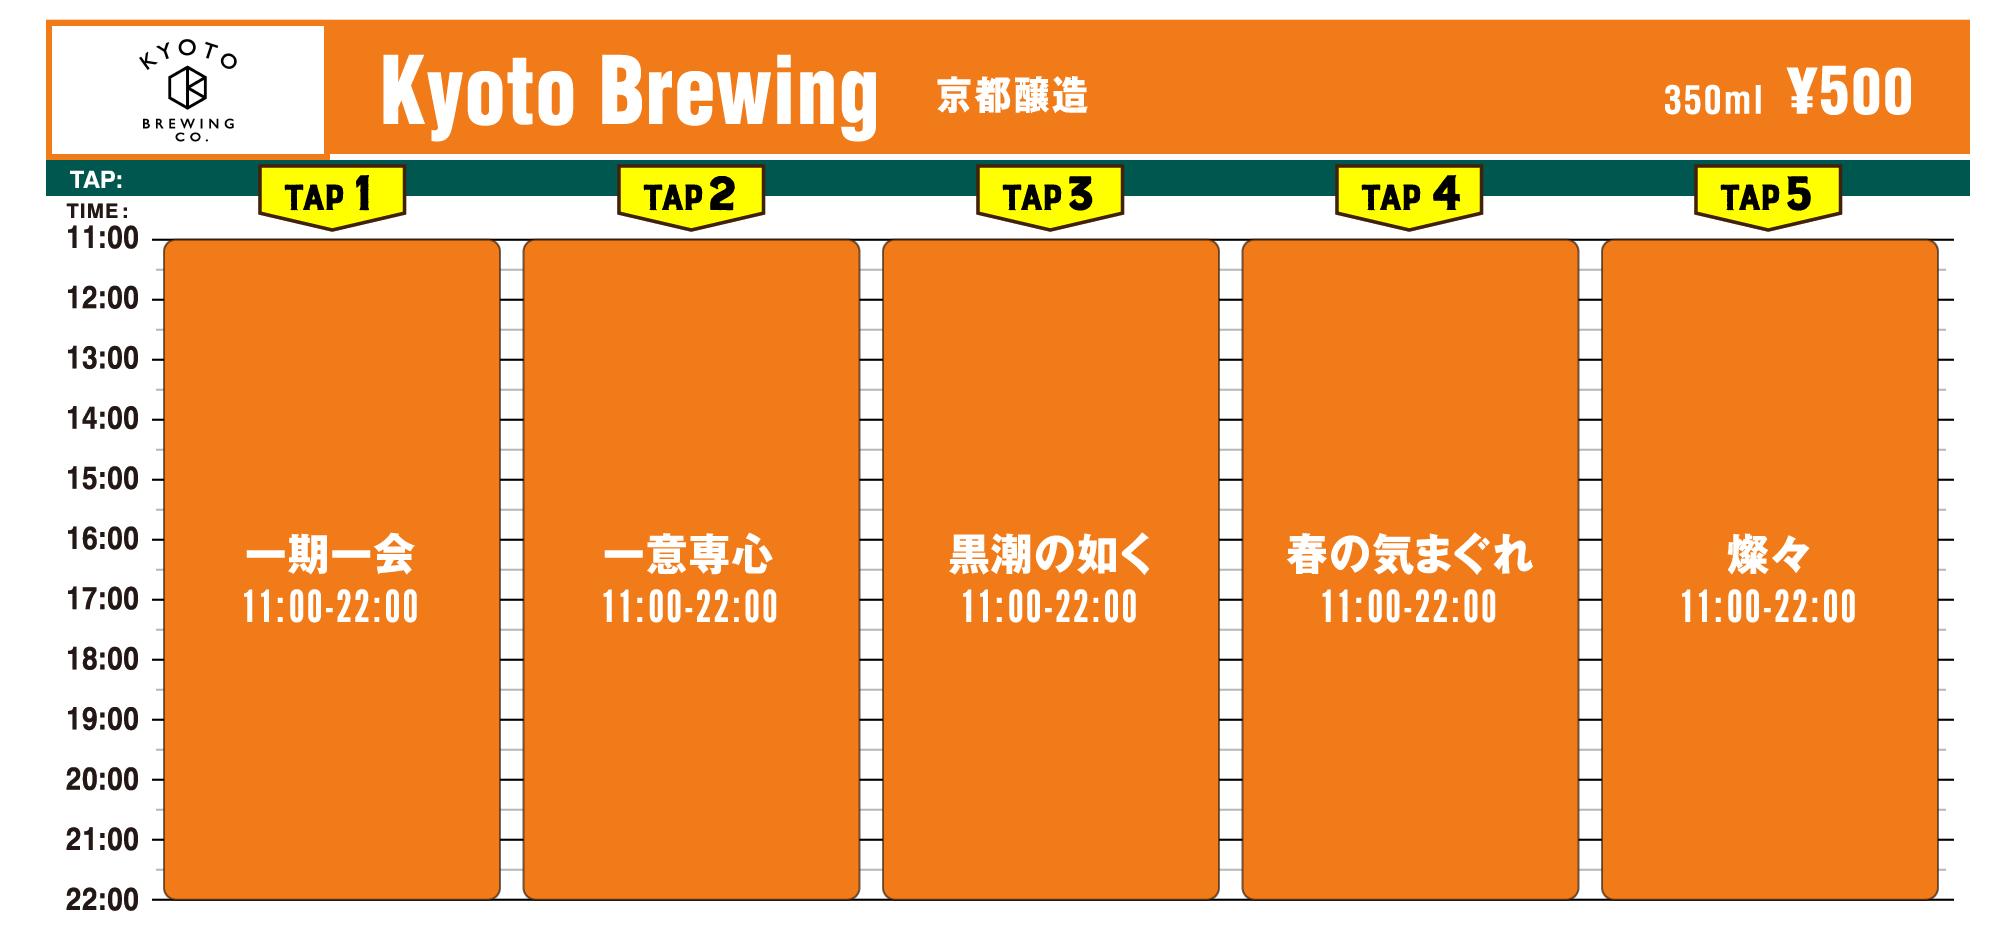 京都醸造 ビアタイムテーブル